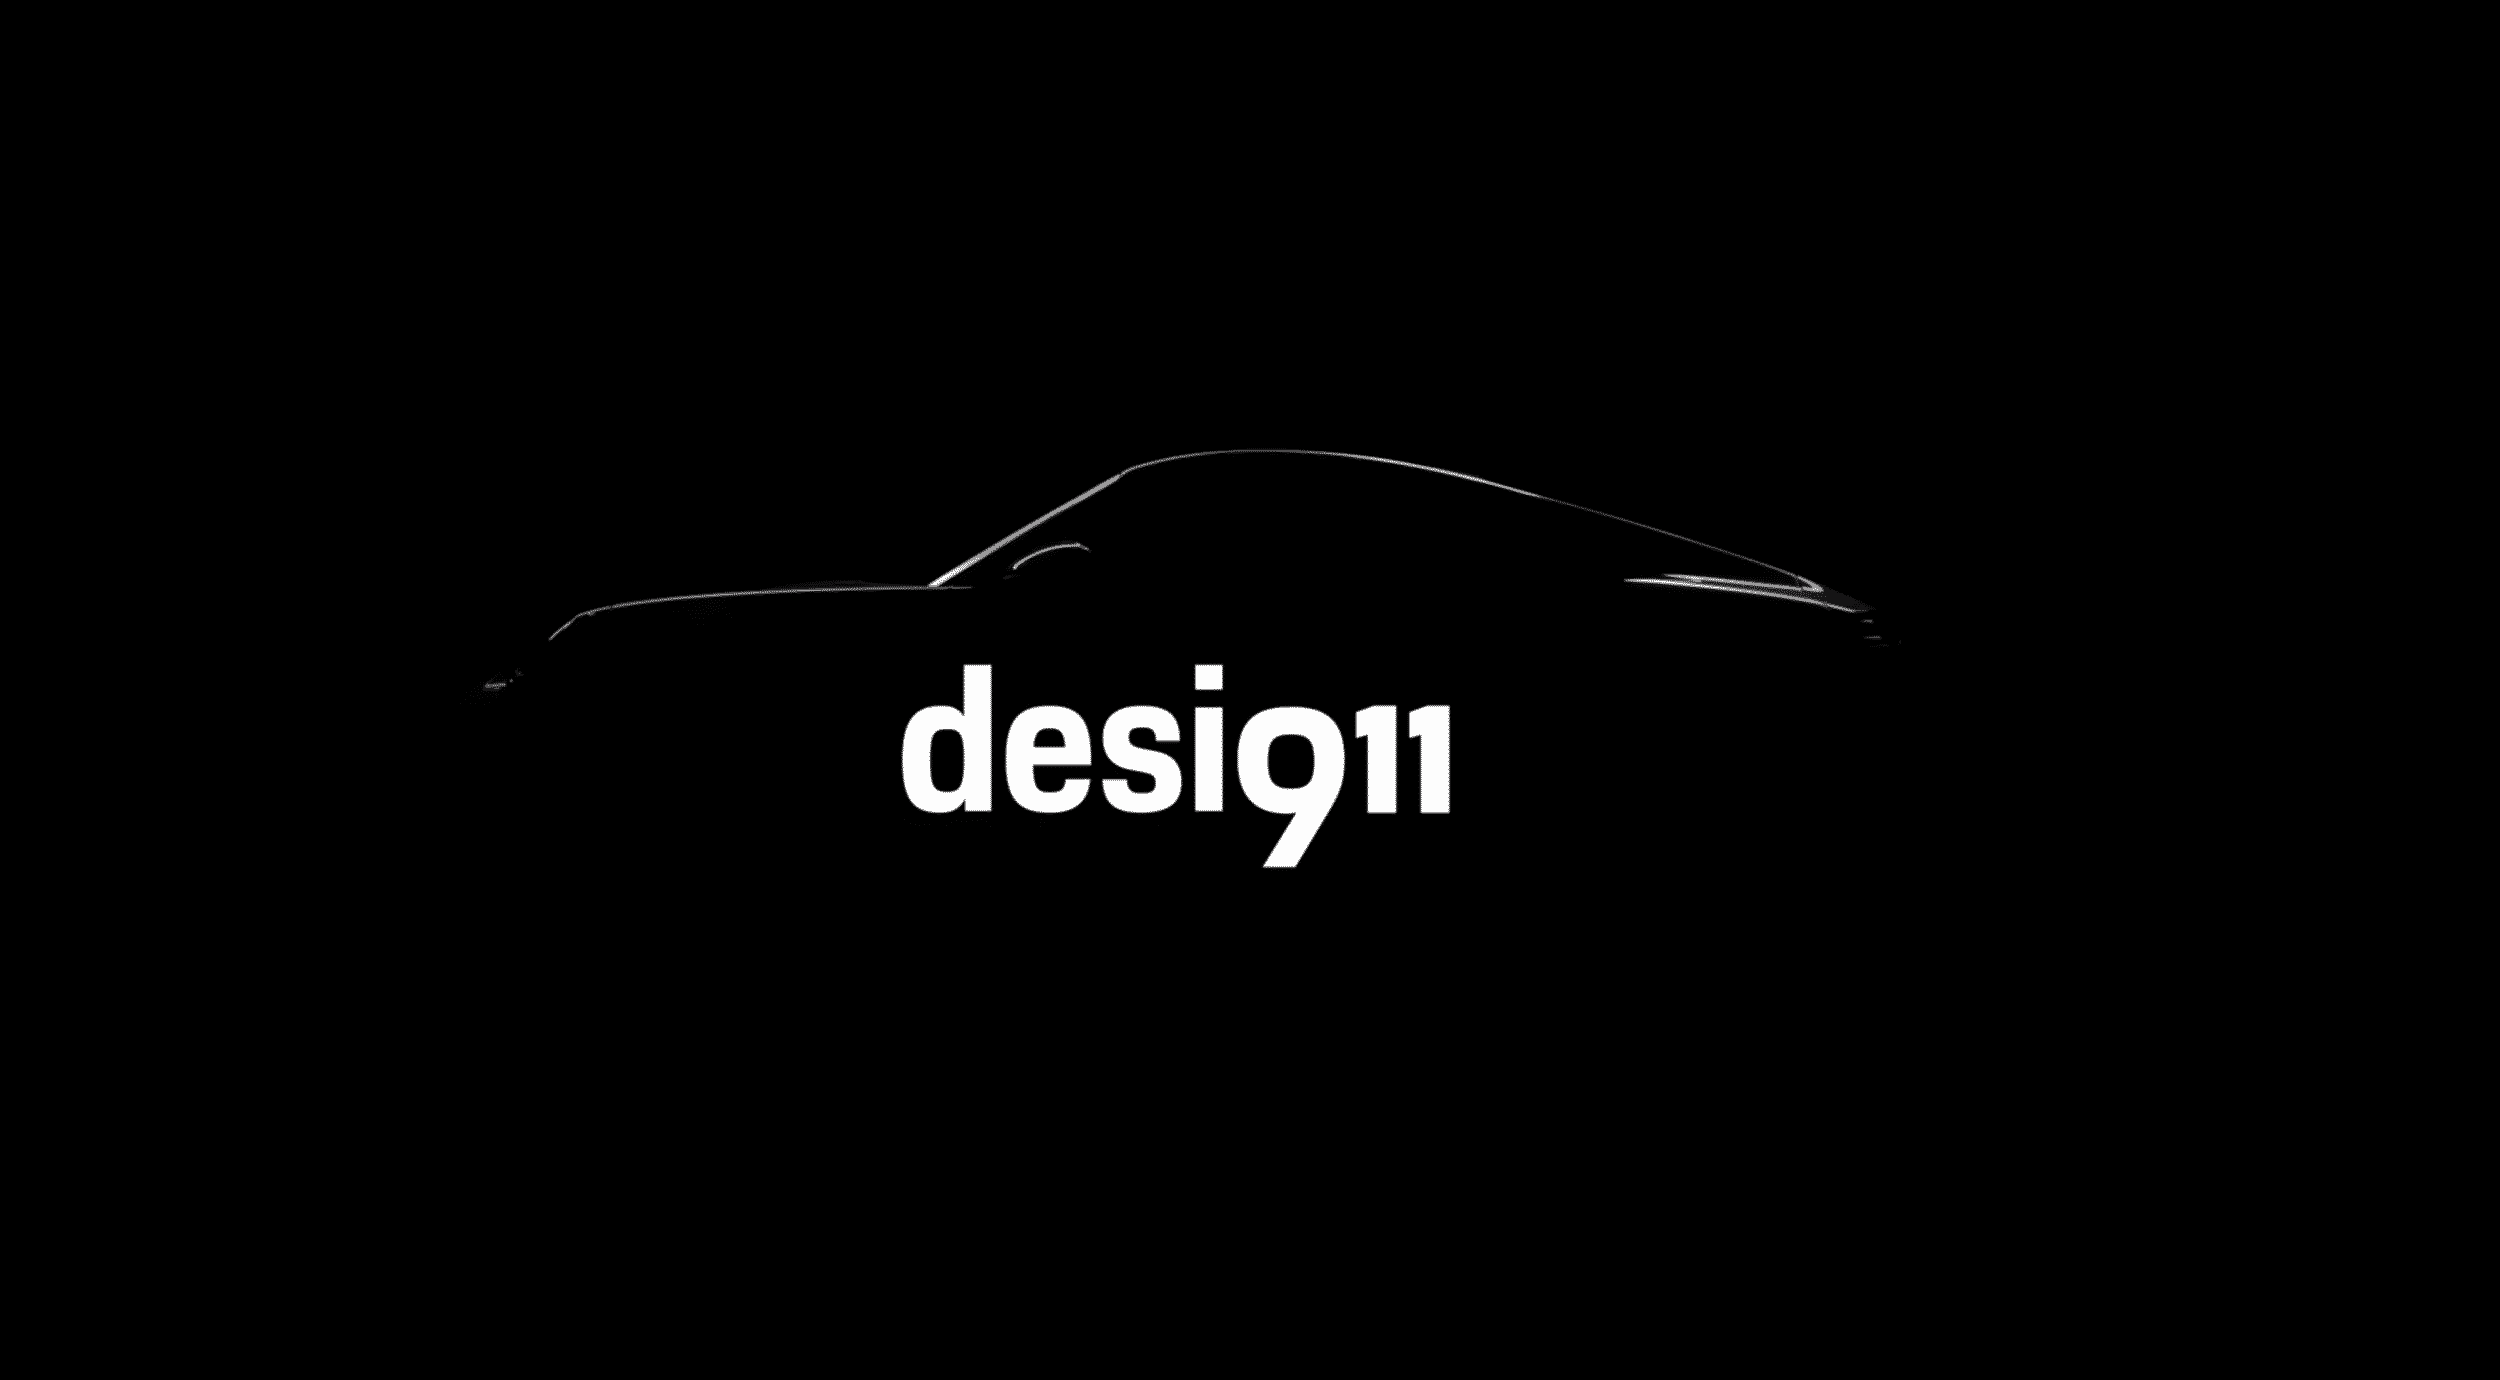 Porsche tease à nouveau sa 911 type 992 | Actu-Moteurs com